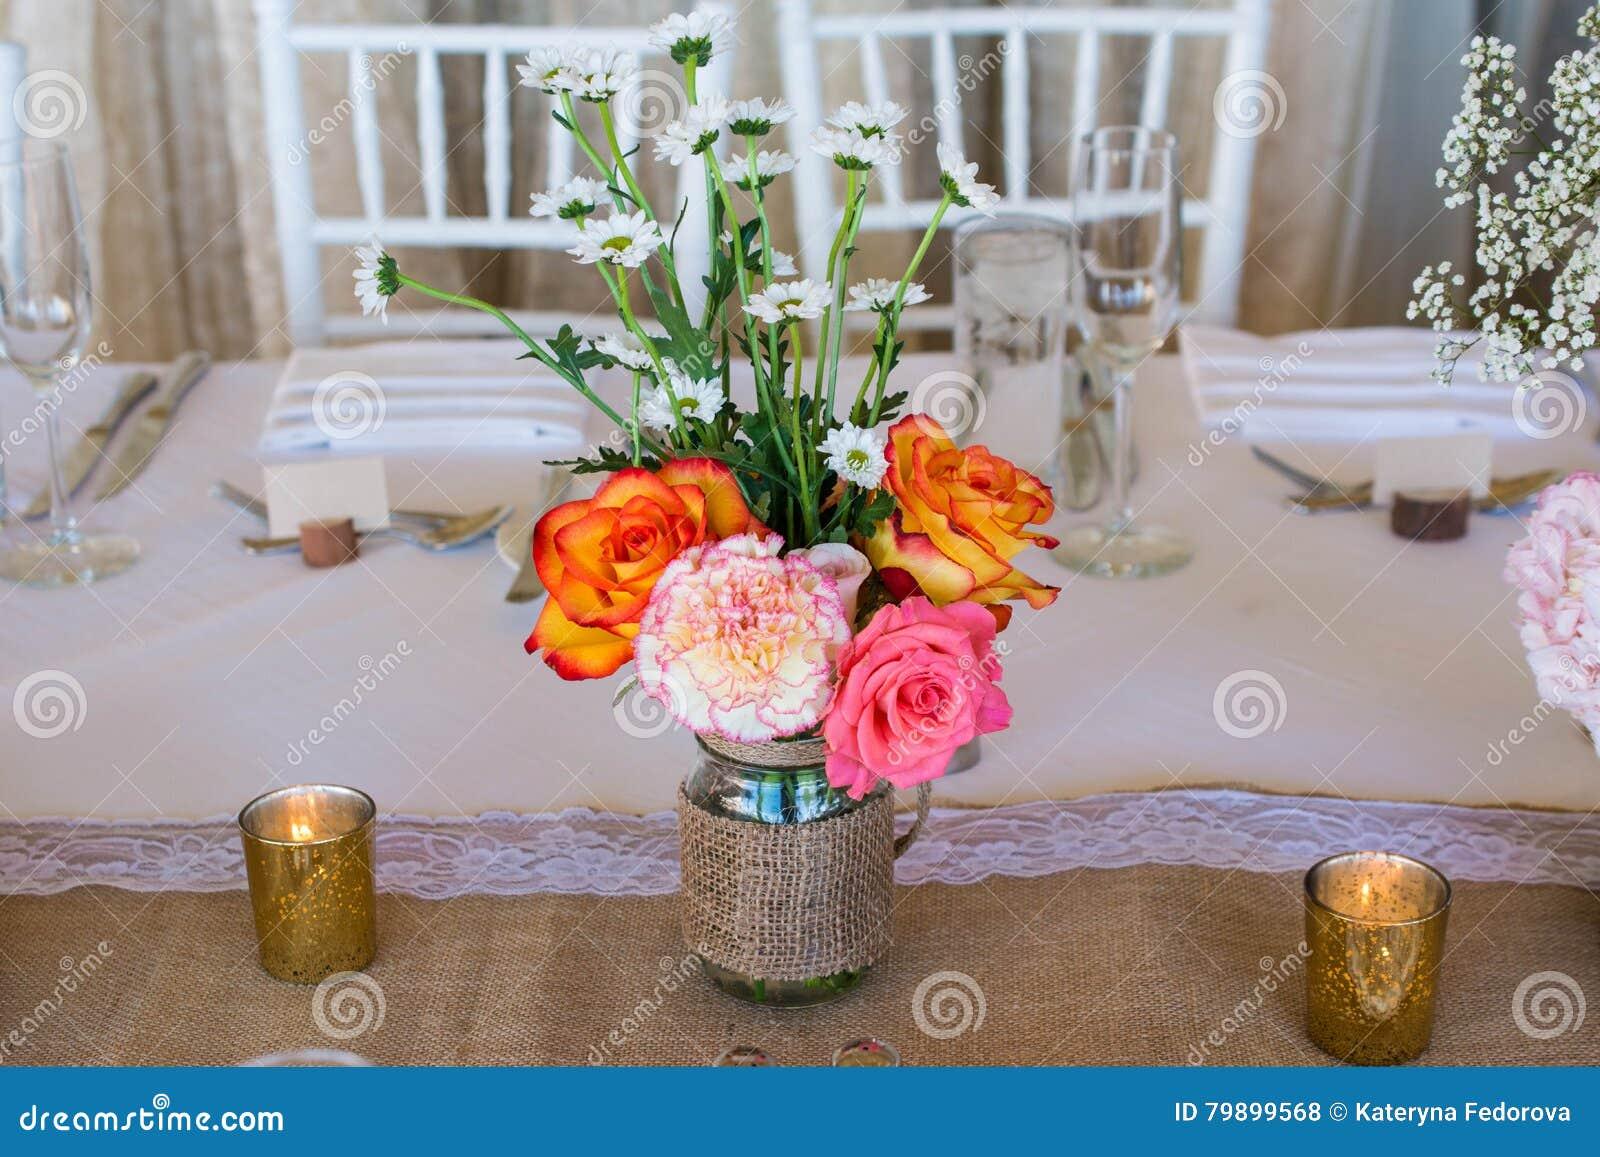 Hochzeitsdekoration Mit Rosa Blumen Goldkerzen Und Stieg Romantisch